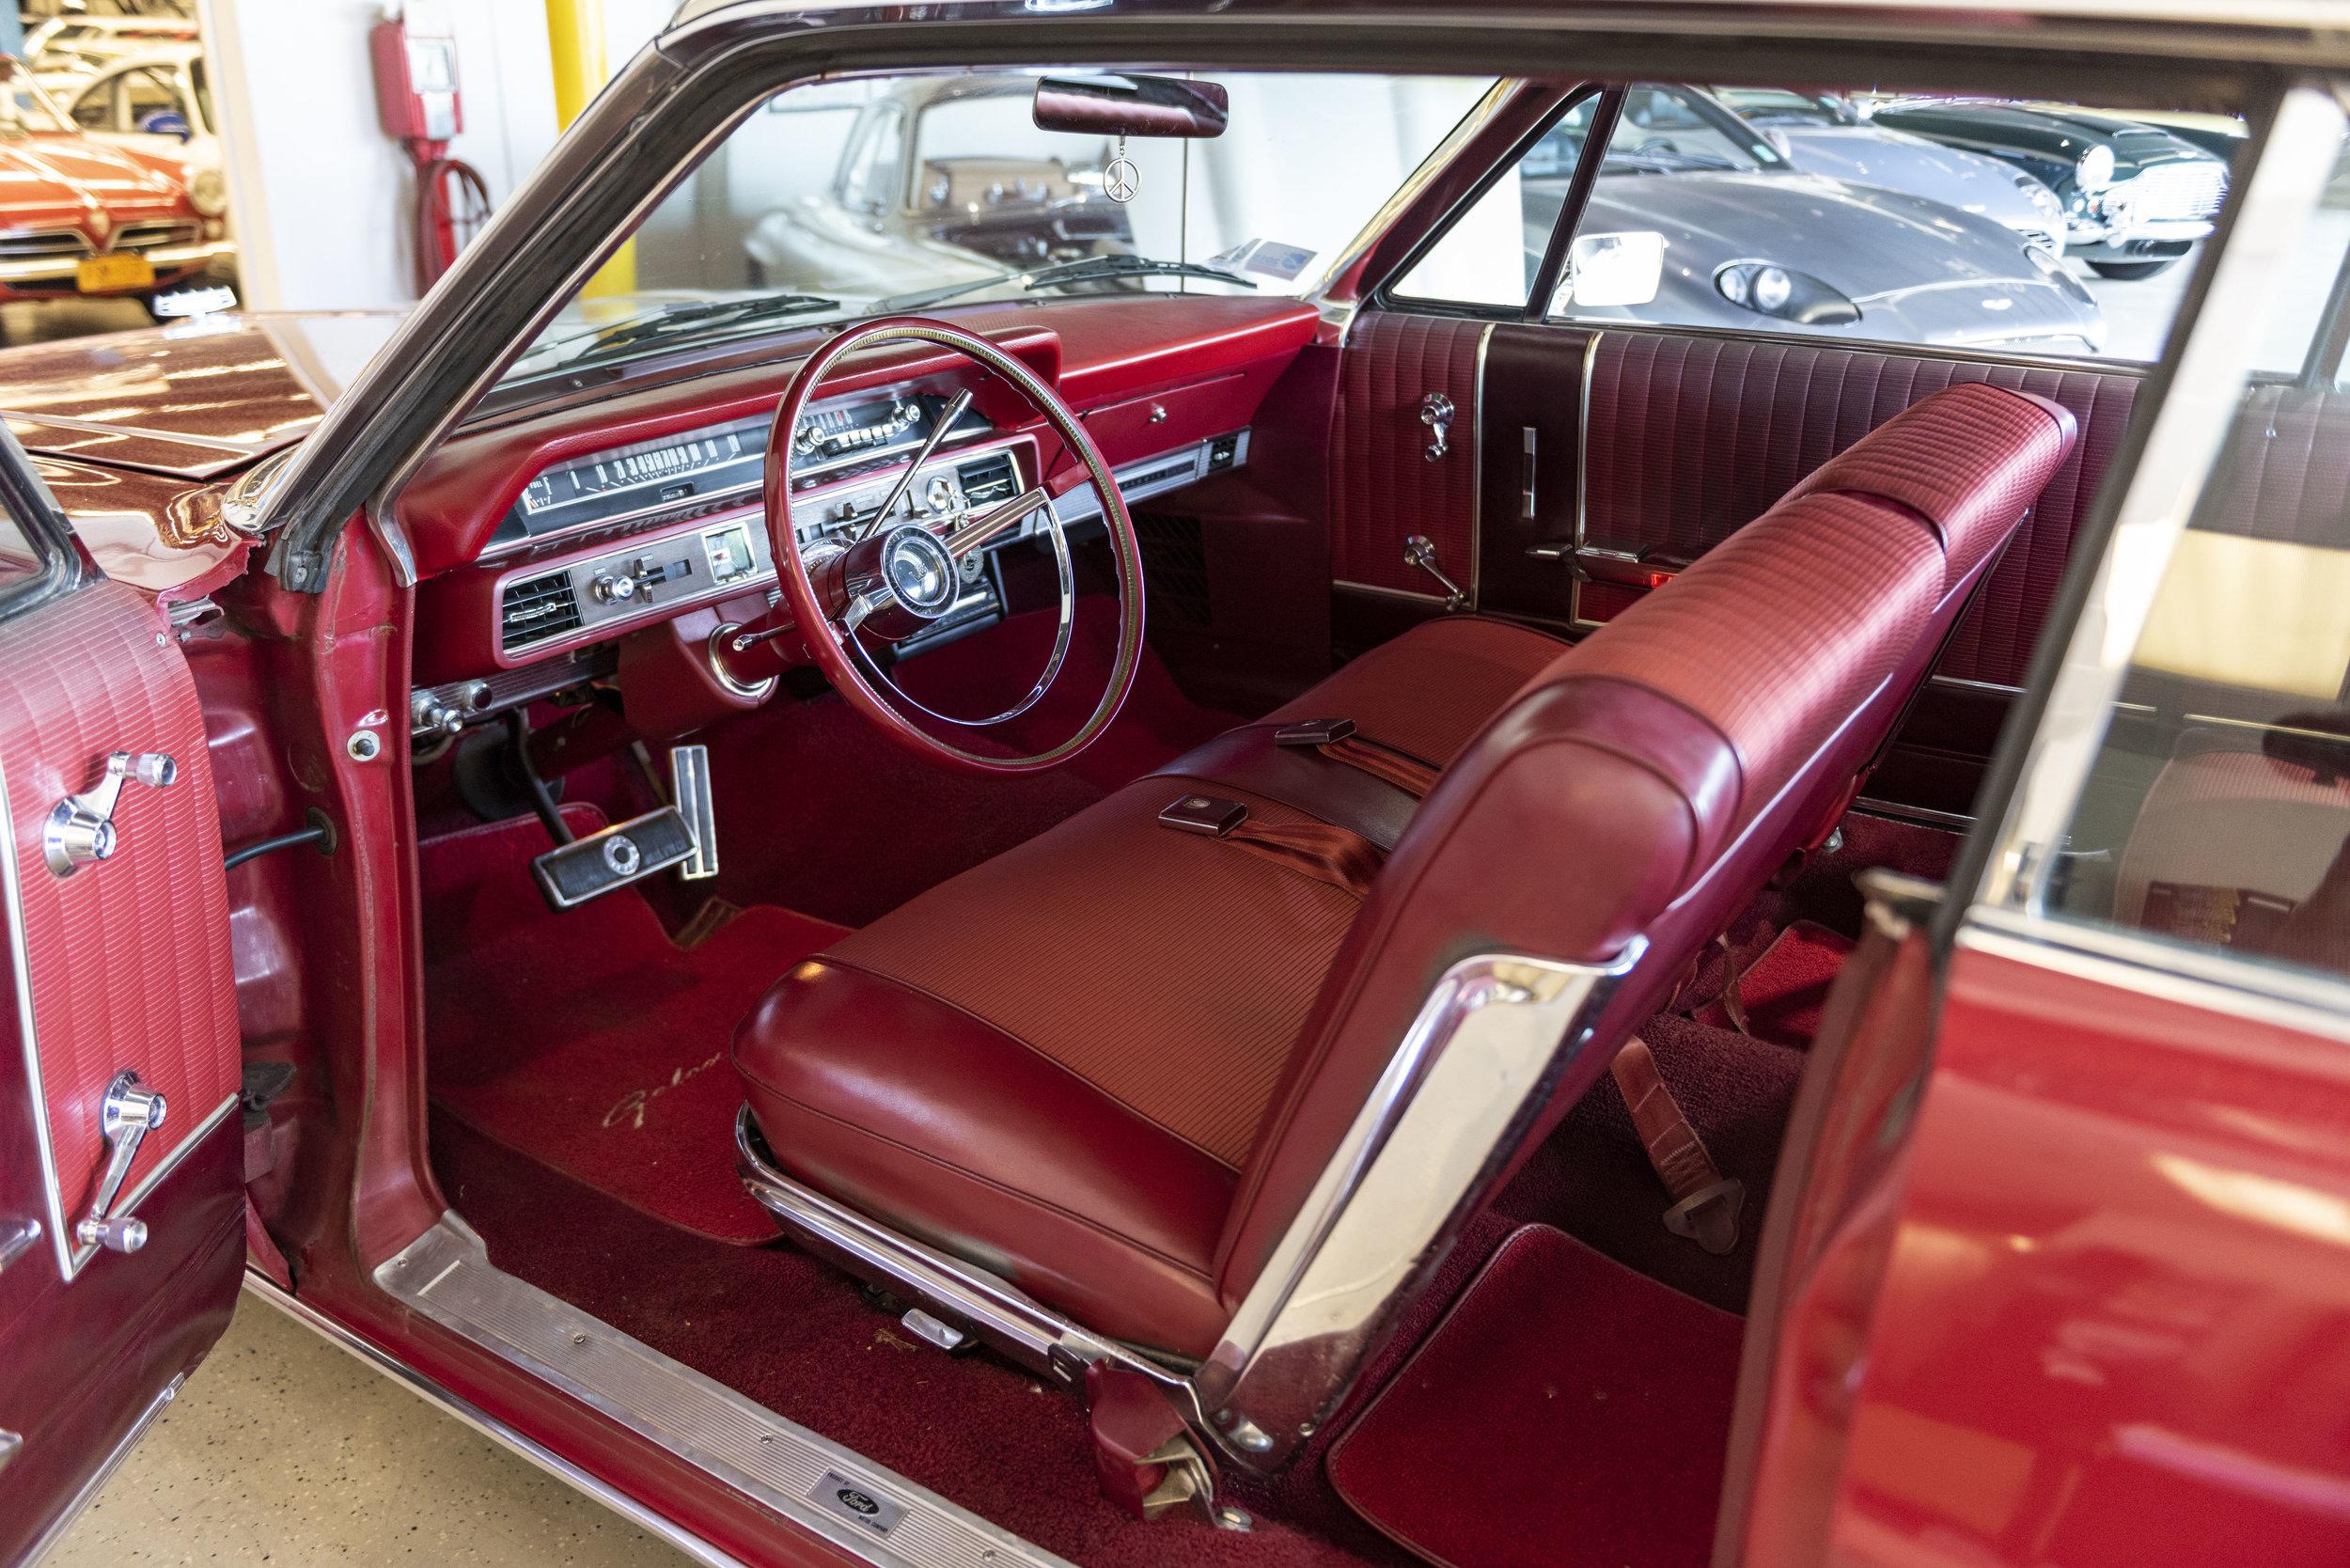 FordGallaxie500_010.JPG